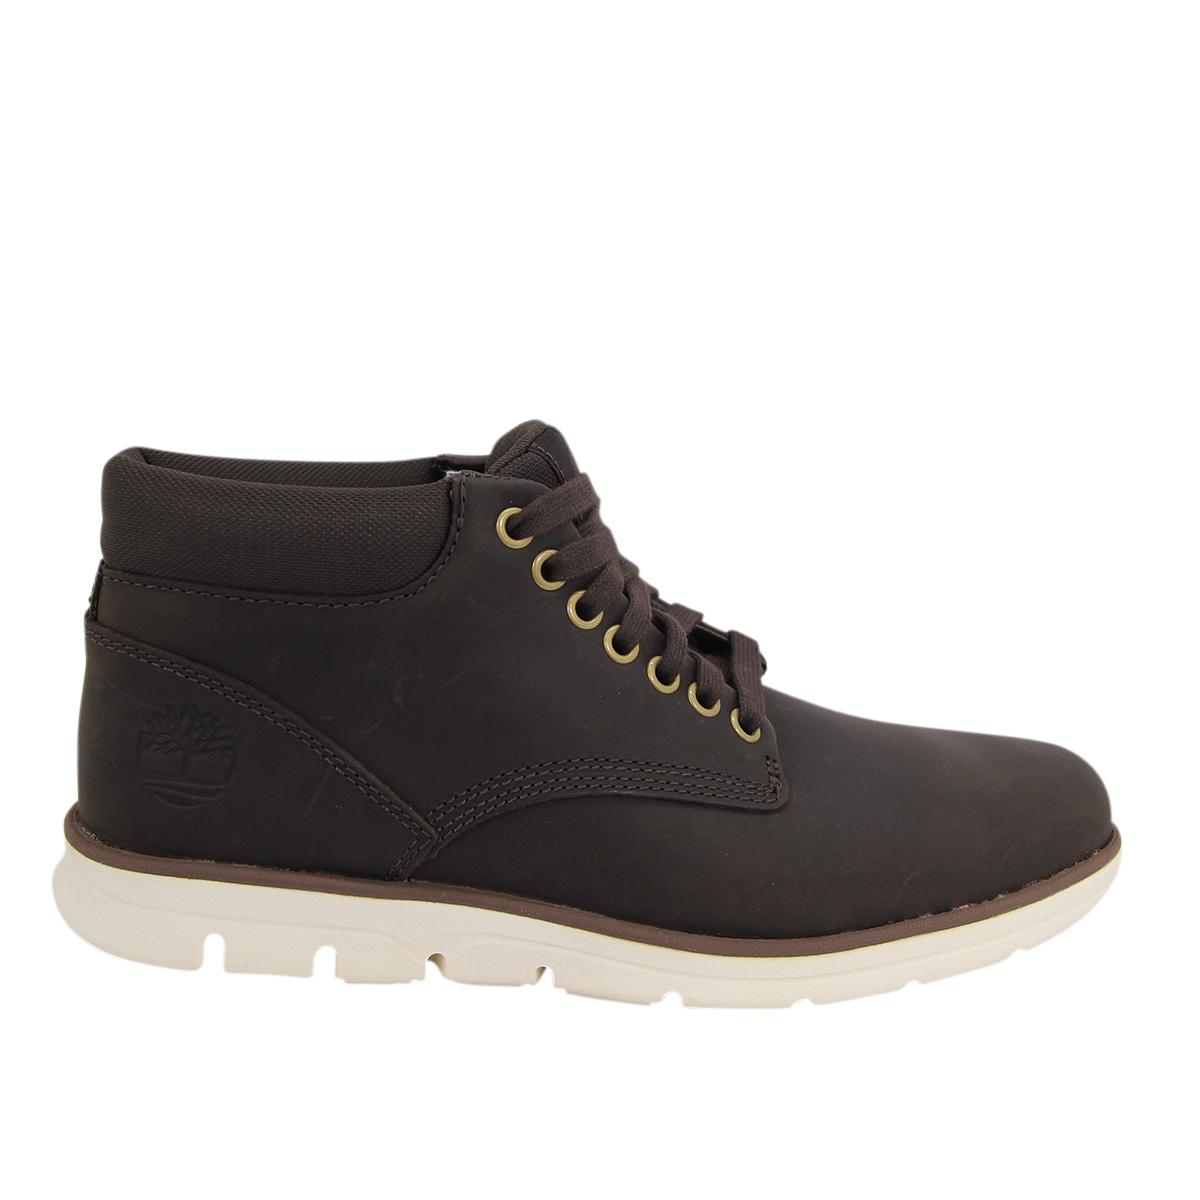 Timberland Chukka Bradstreet CUIR Chaussures Hommes Neuf